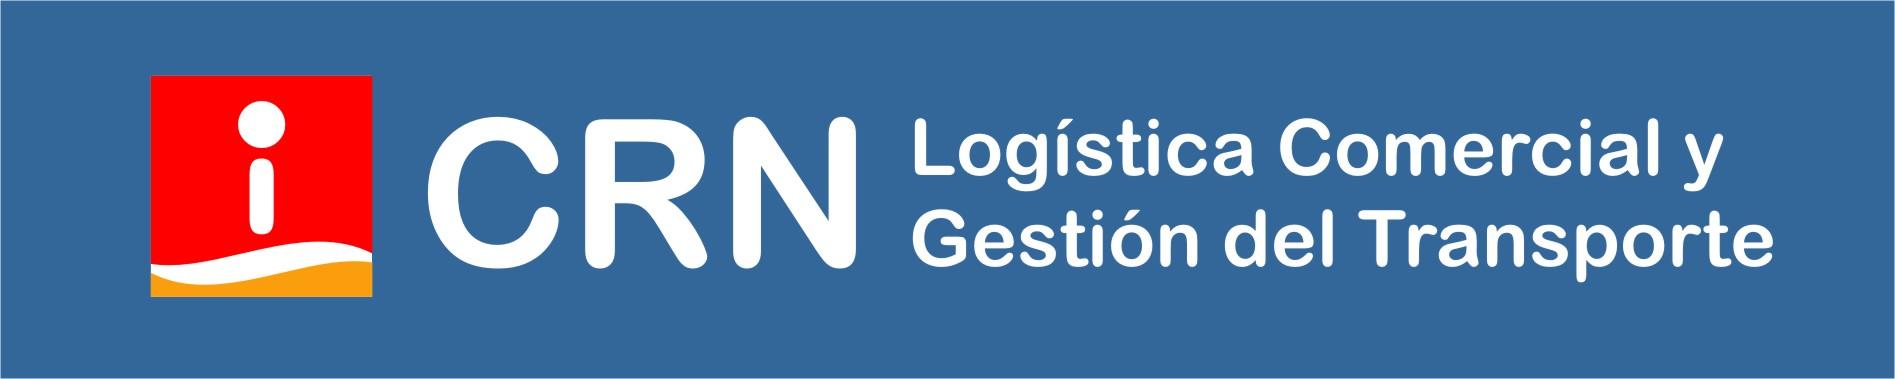 Digitalización en Operaciones Logísticas 2021